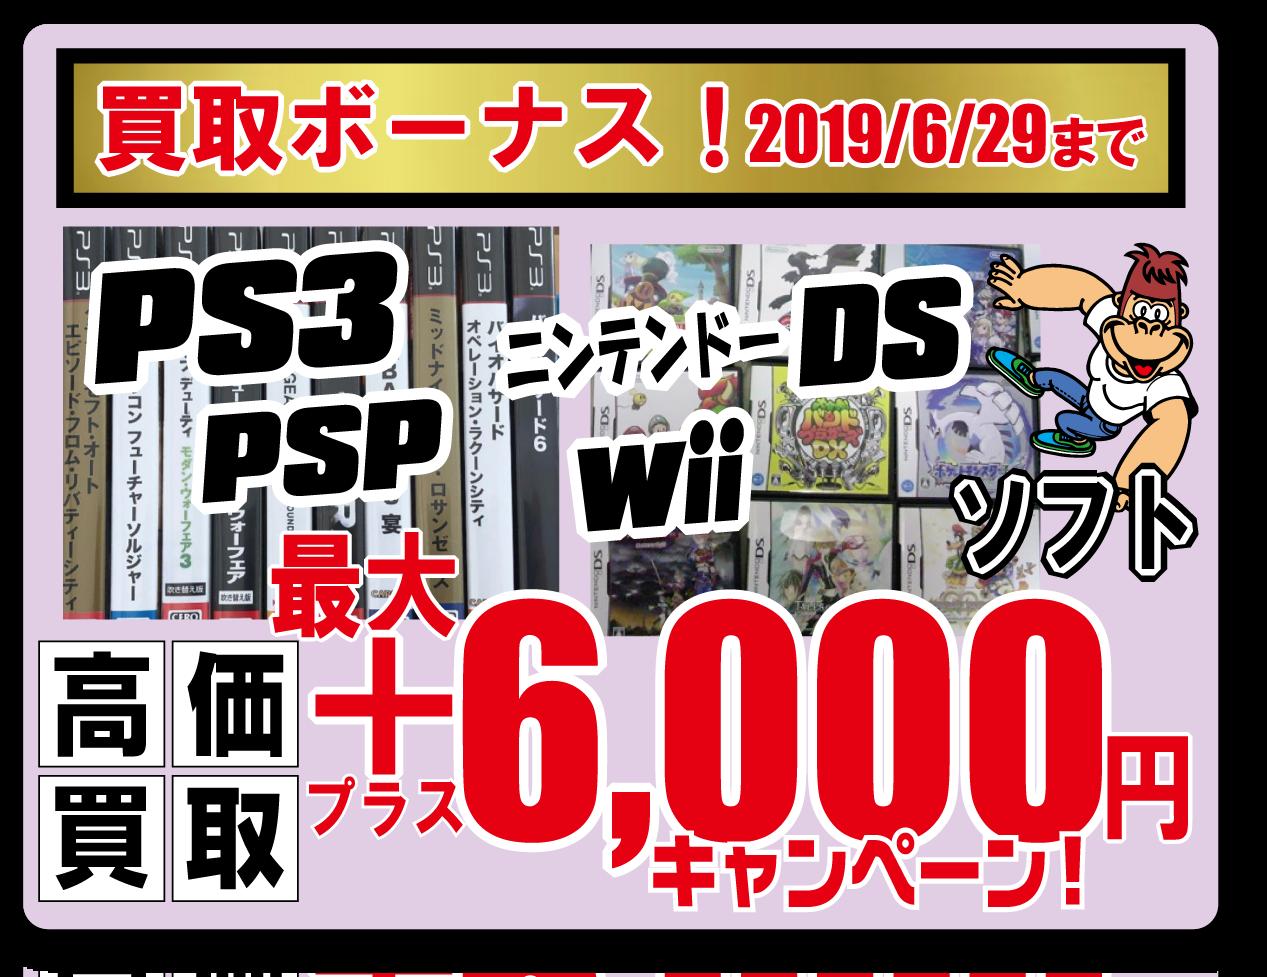 店頭買取限定【古いゲームソフト まとめて売ると最大6000円プラス!】2019/6/29まで!